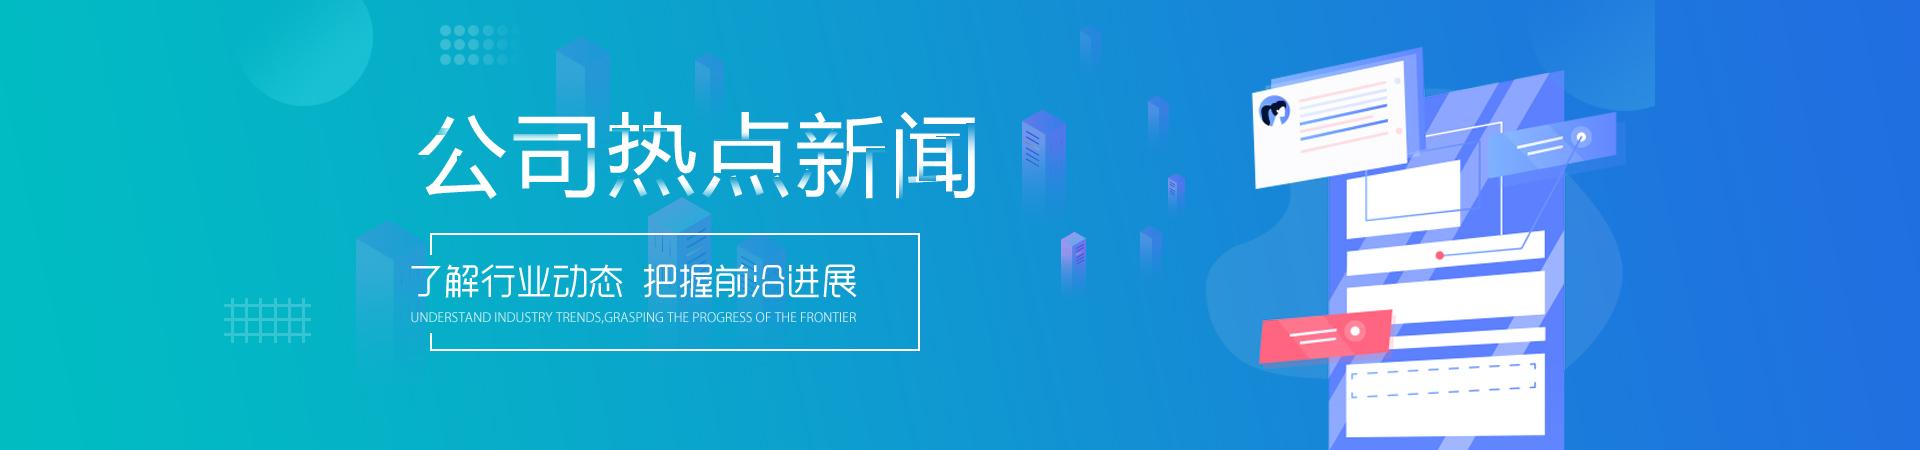 http://www.wfdashan.cn/data/upload/202004/20200425151142_274.jpg